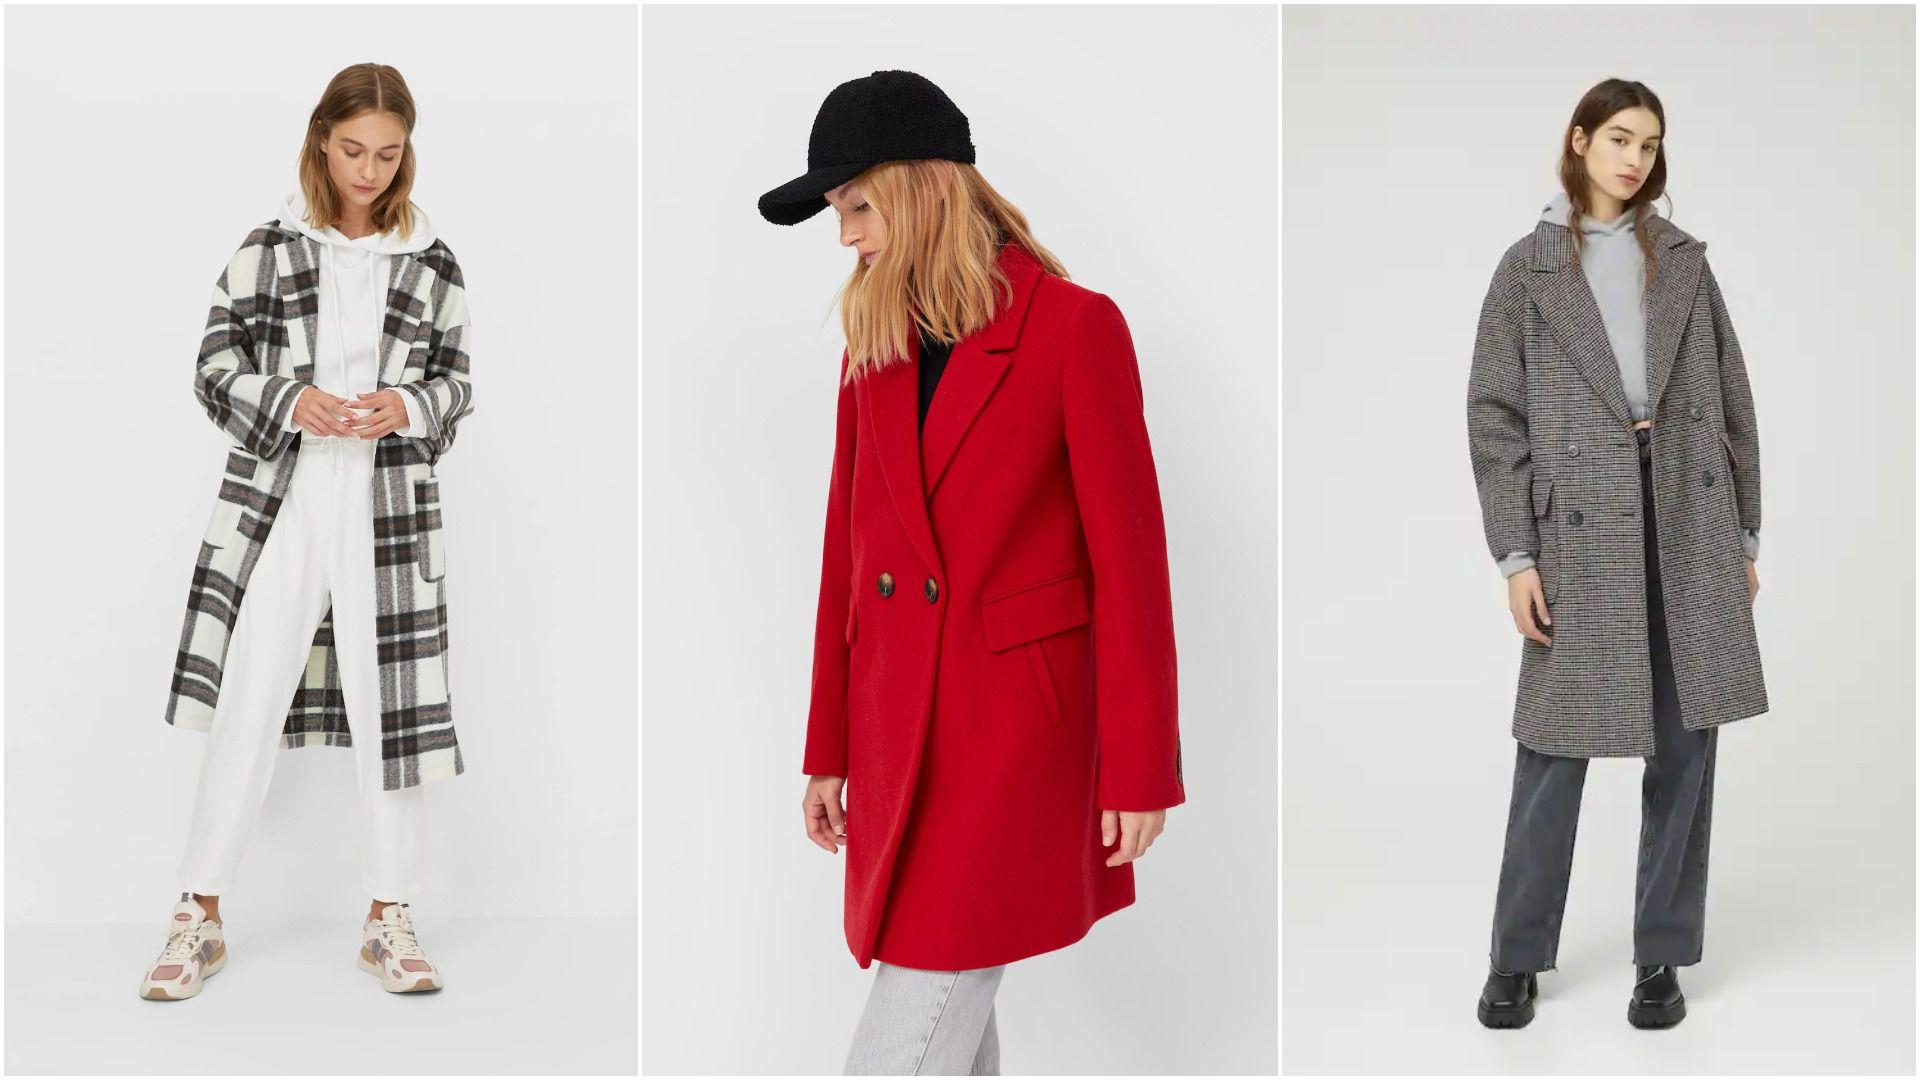 Genijalni kaputi do 229,90 kn koje možete kupiti sada, a nositi sezonama jer su super ulaganje